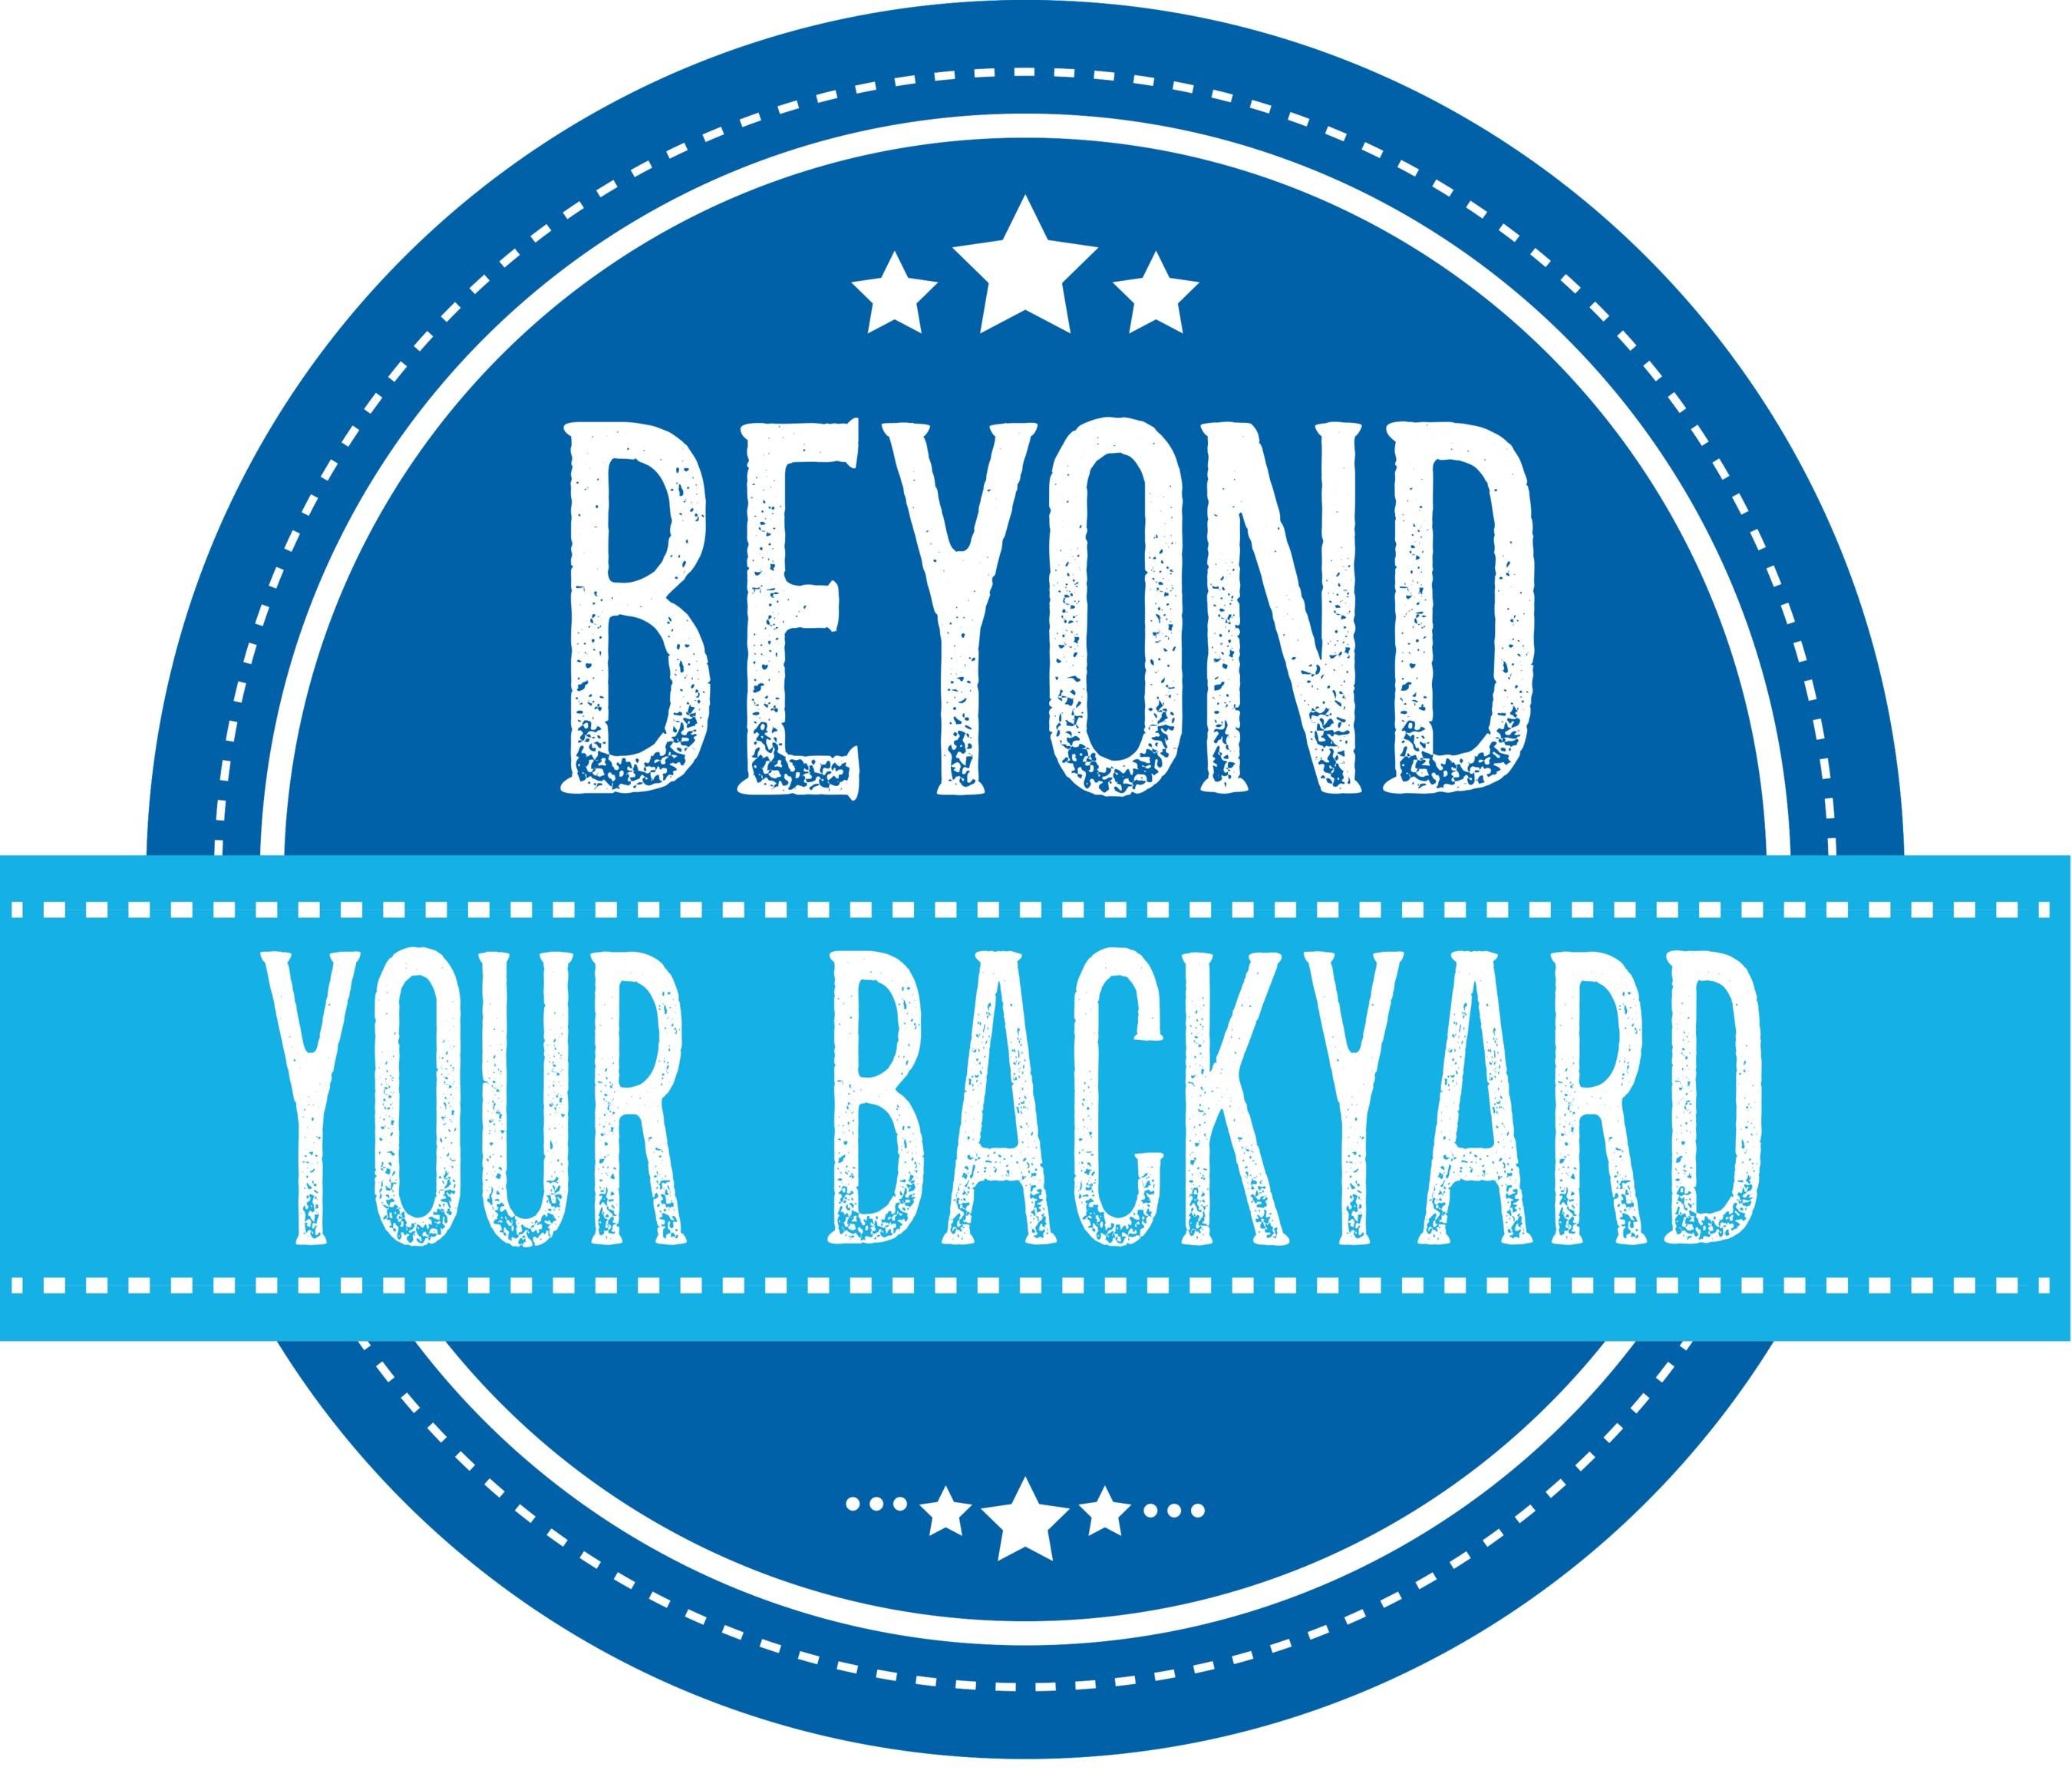 Backyard Broadcasting Stations - House Backyards